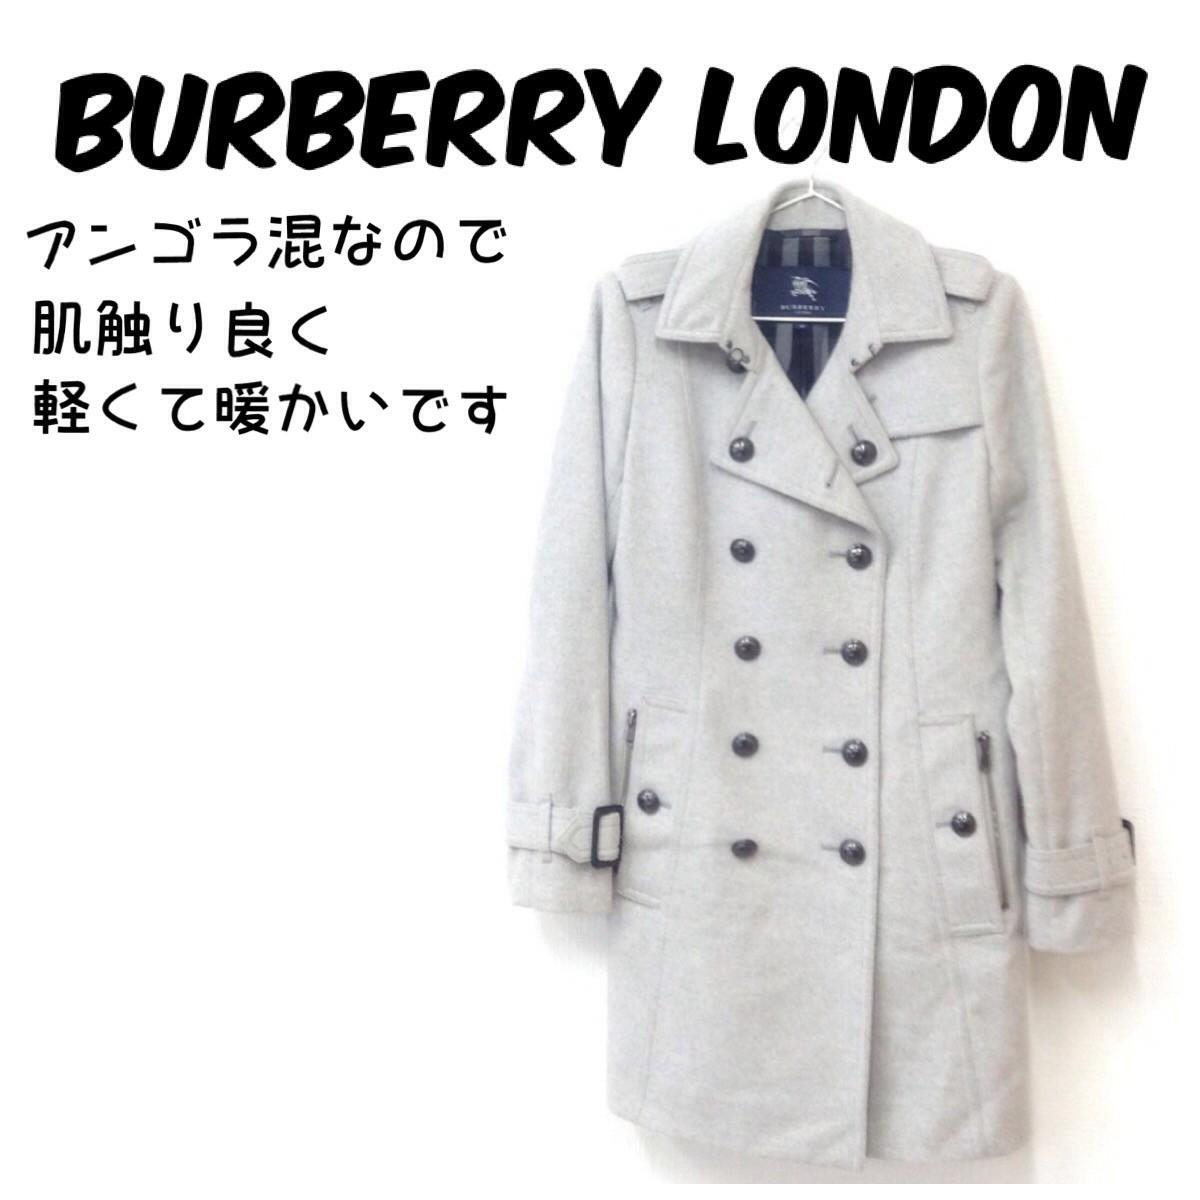 【中古】【送料無料】バーバリーロンドン BURBERRY LONDON ウールアンゴラ混 ロングコート ライトグレー レディース サイズ40